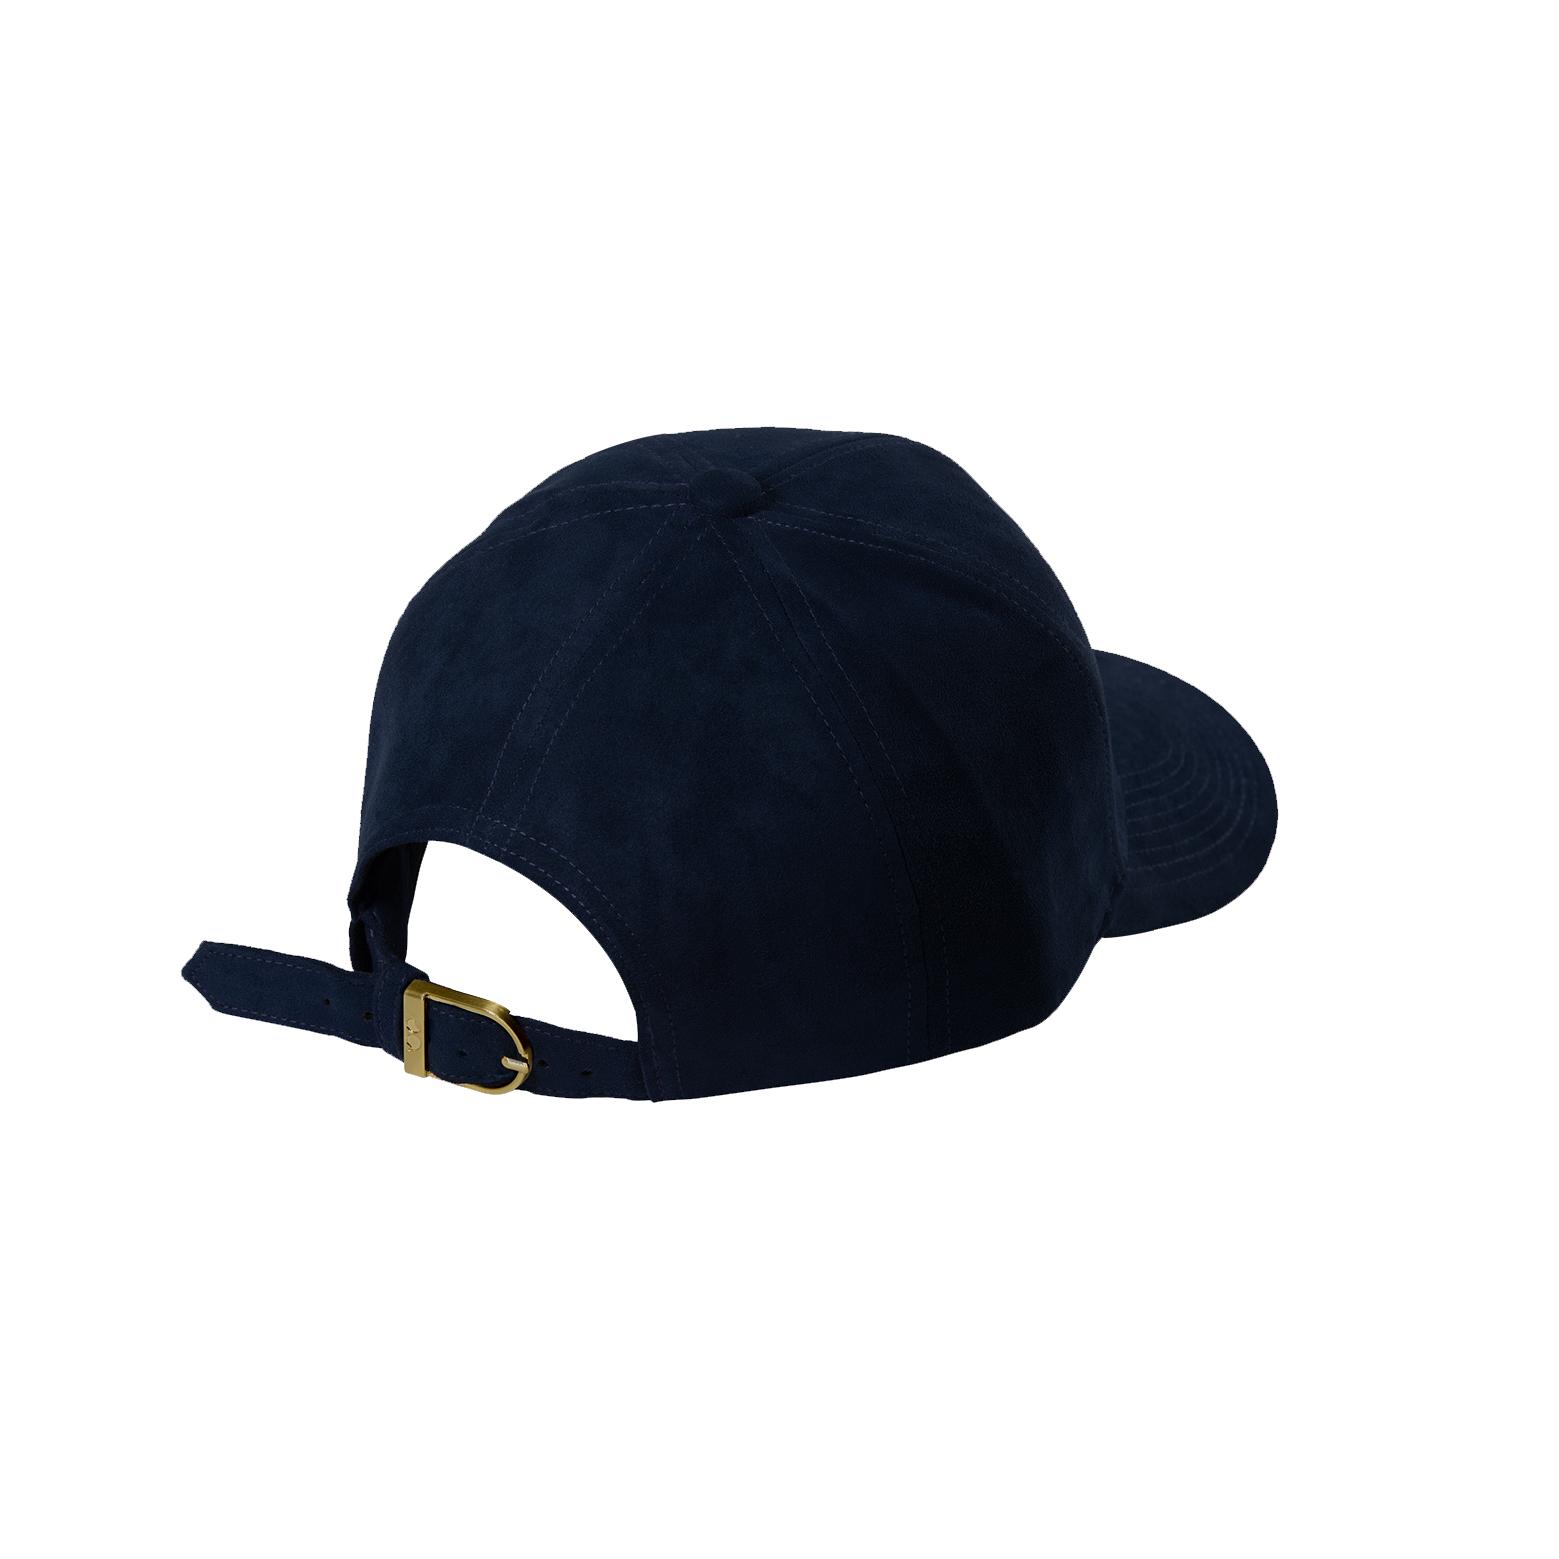 BASEBALL CAP NAVY BLUE SUEDE GOLD BACK SIDE